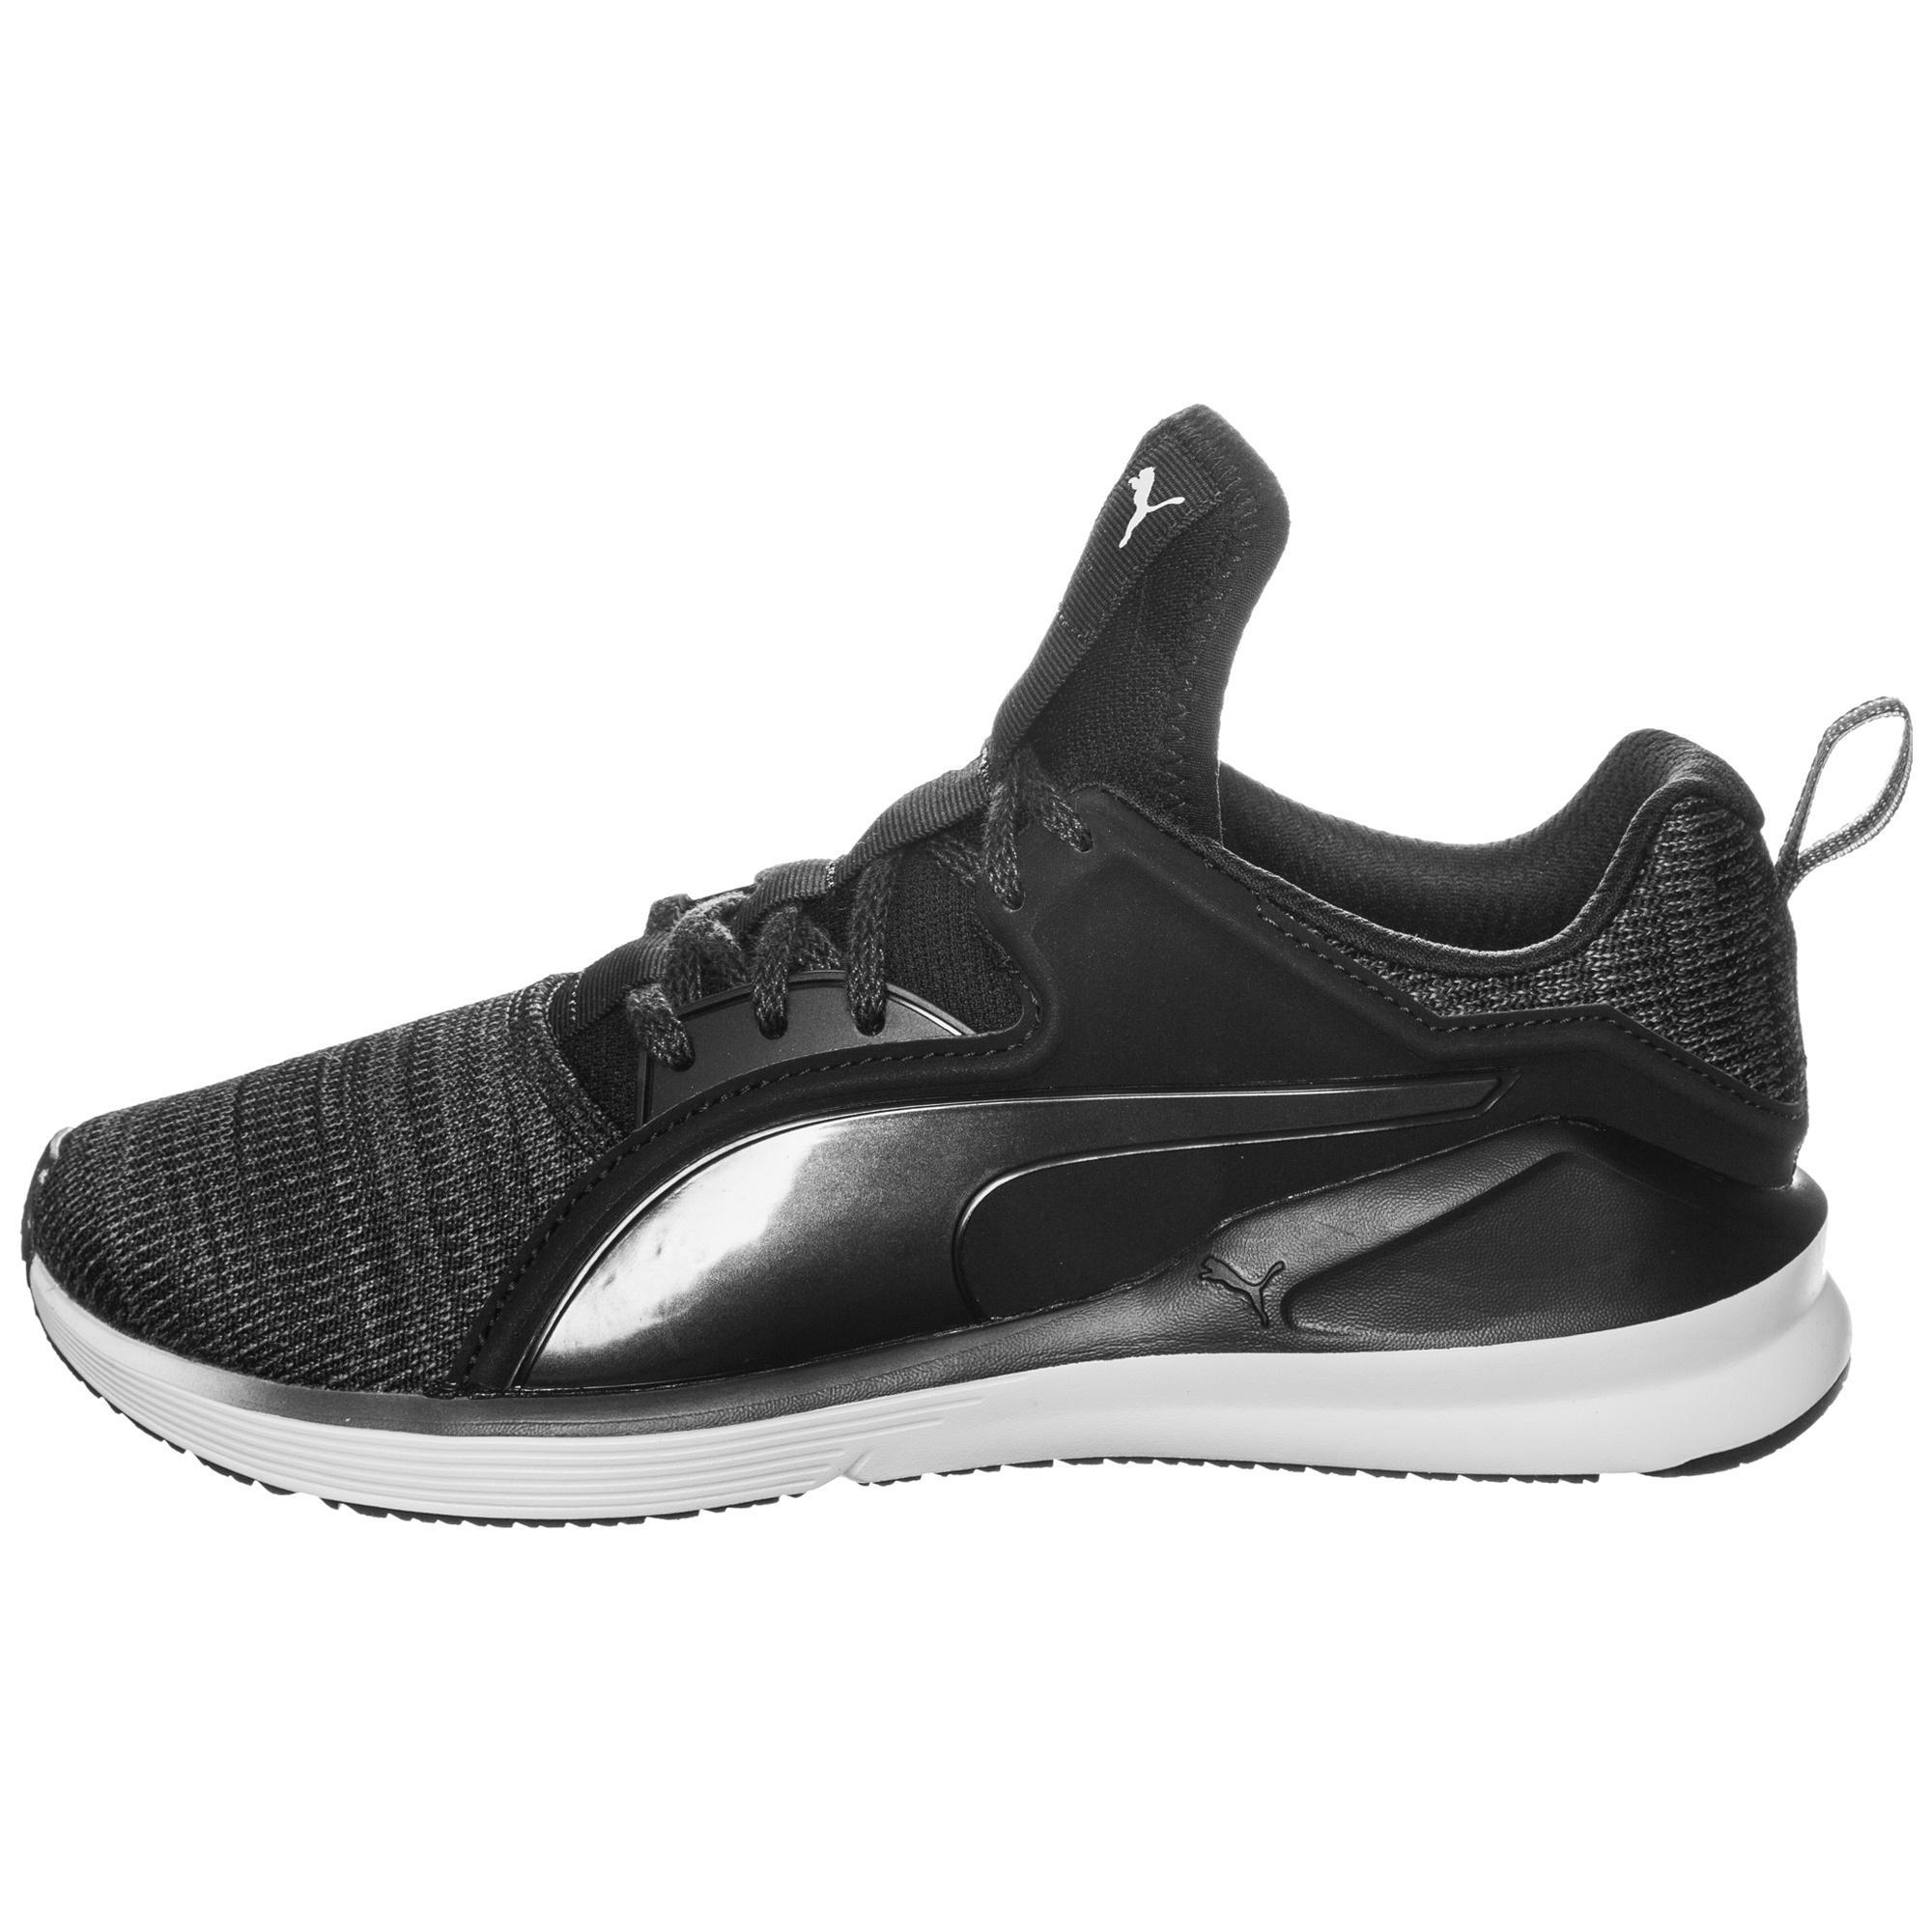 PUMA Fierce Lace Knit Knit Knit Fitnessschuhe Damen schwarz / grau im Online Shop von SportScheck kaufen Gute Qualität beliebte Schuhe d53782